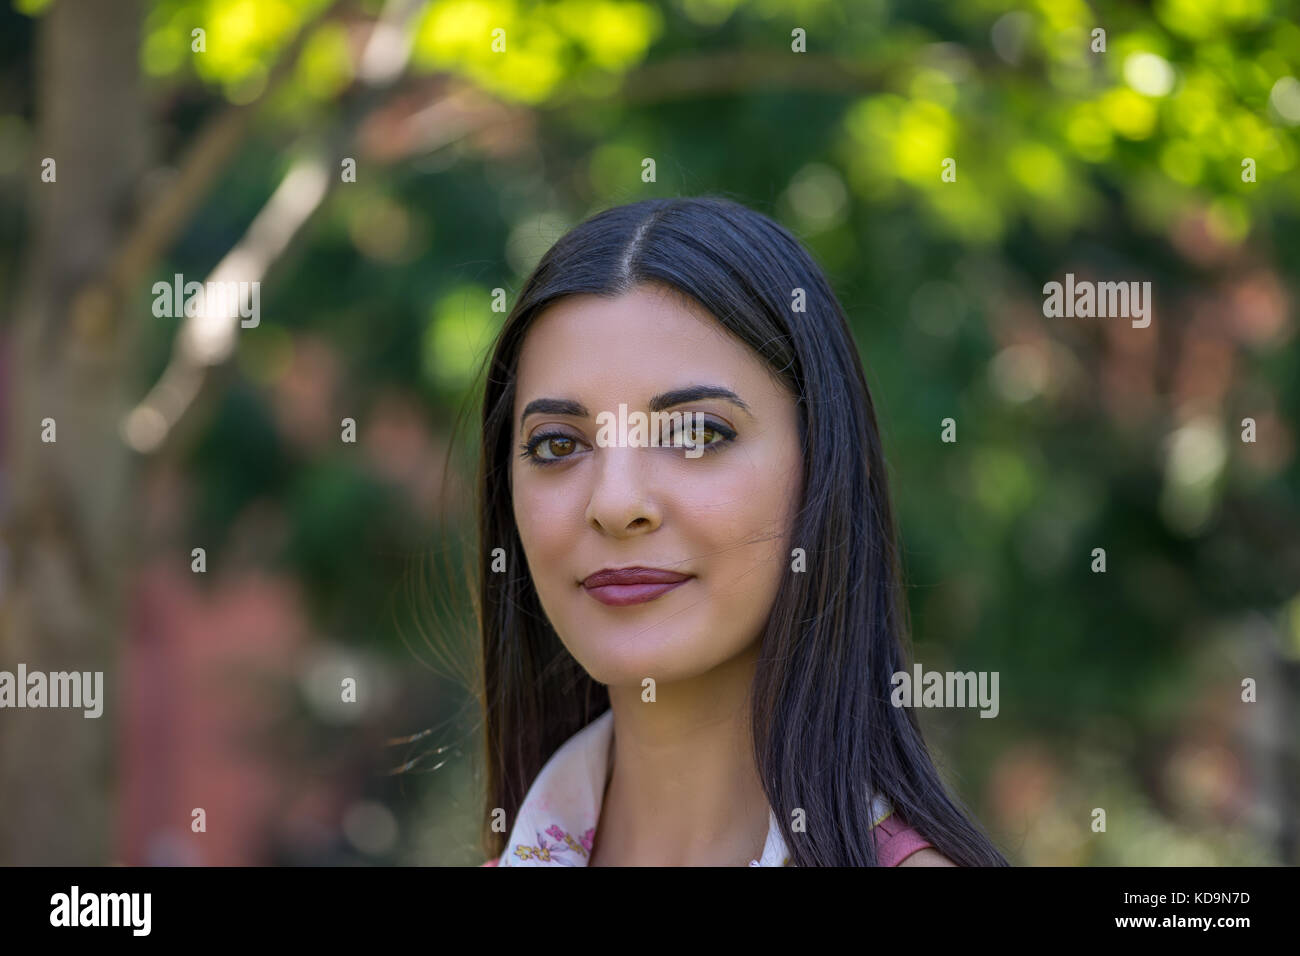 Big Hair Stock Photos & Big Hair Stock Images